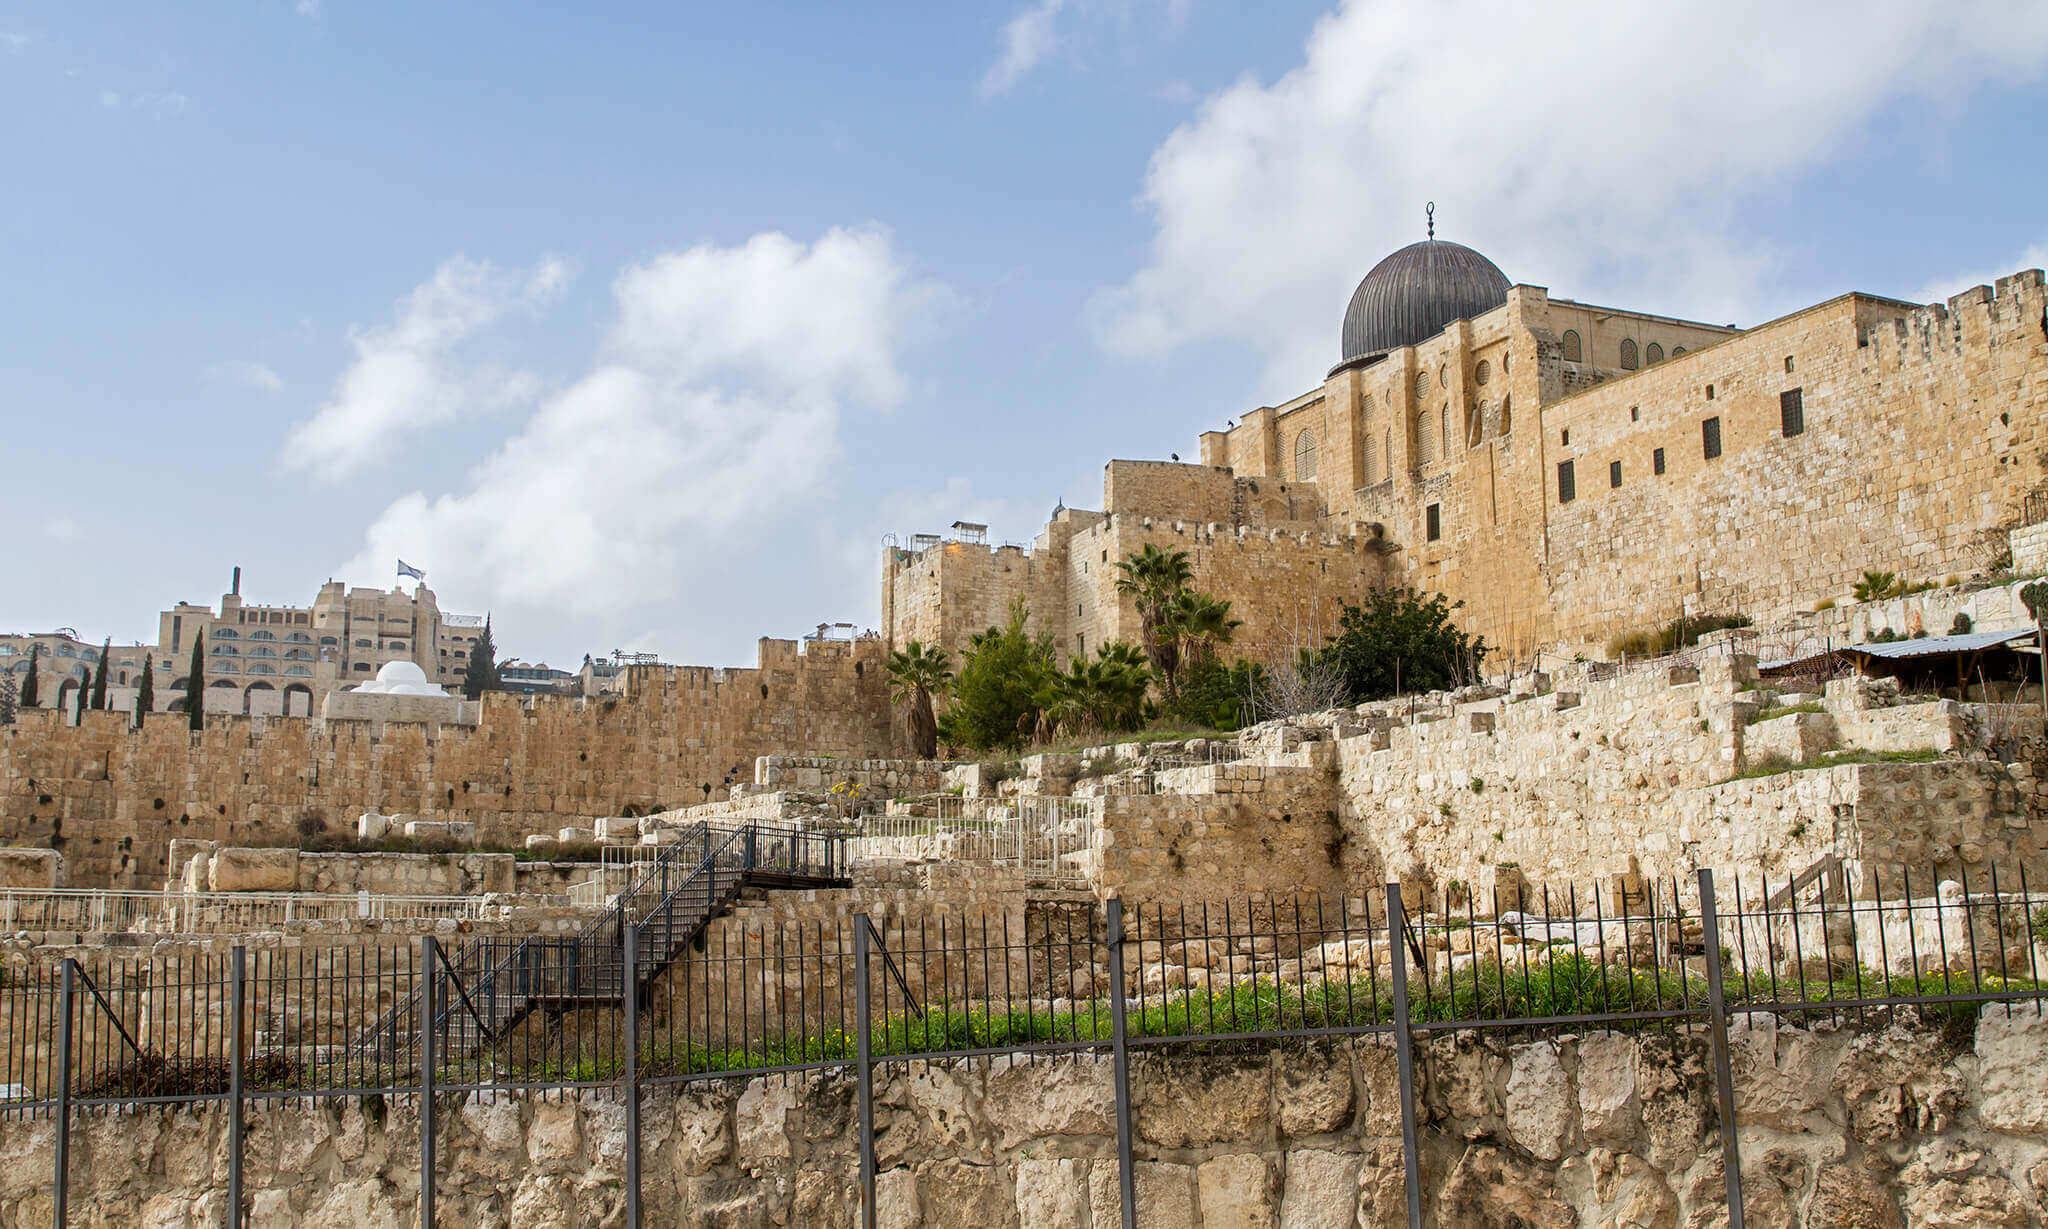 4 סיור מאפיות בשכונות החרדיות ובמאה שערים בירושלים